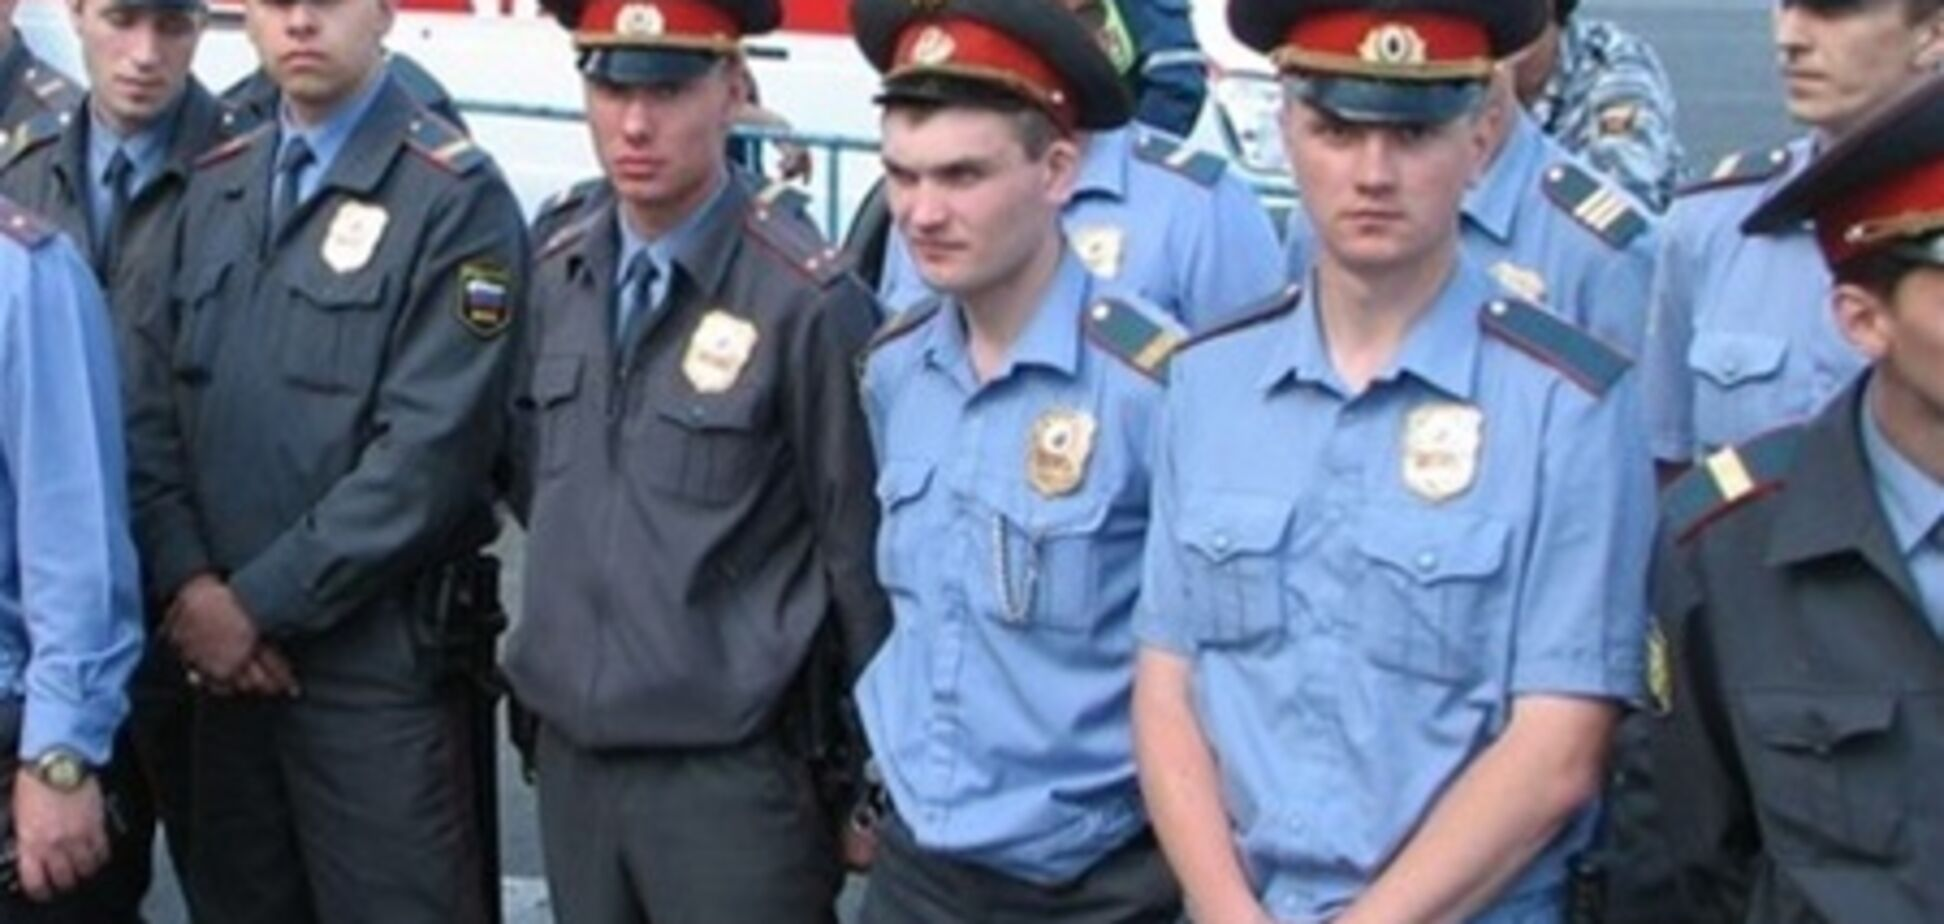 Скандал з Днем Перемоги у Тернополі: суд підтримав міліцію